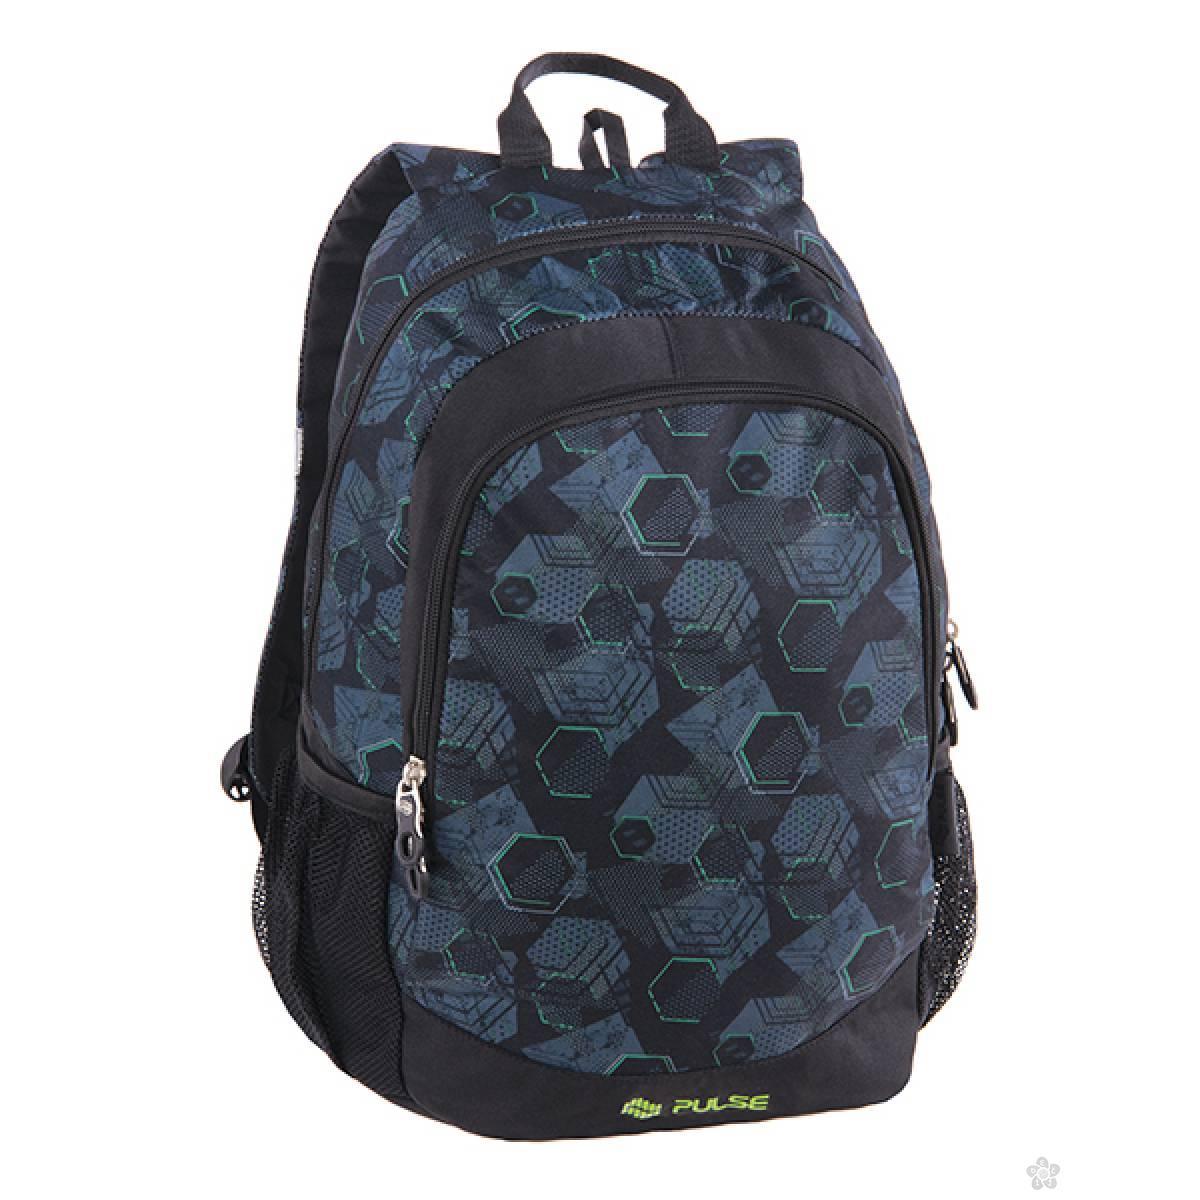 Ranac Cots Hexagon 121823